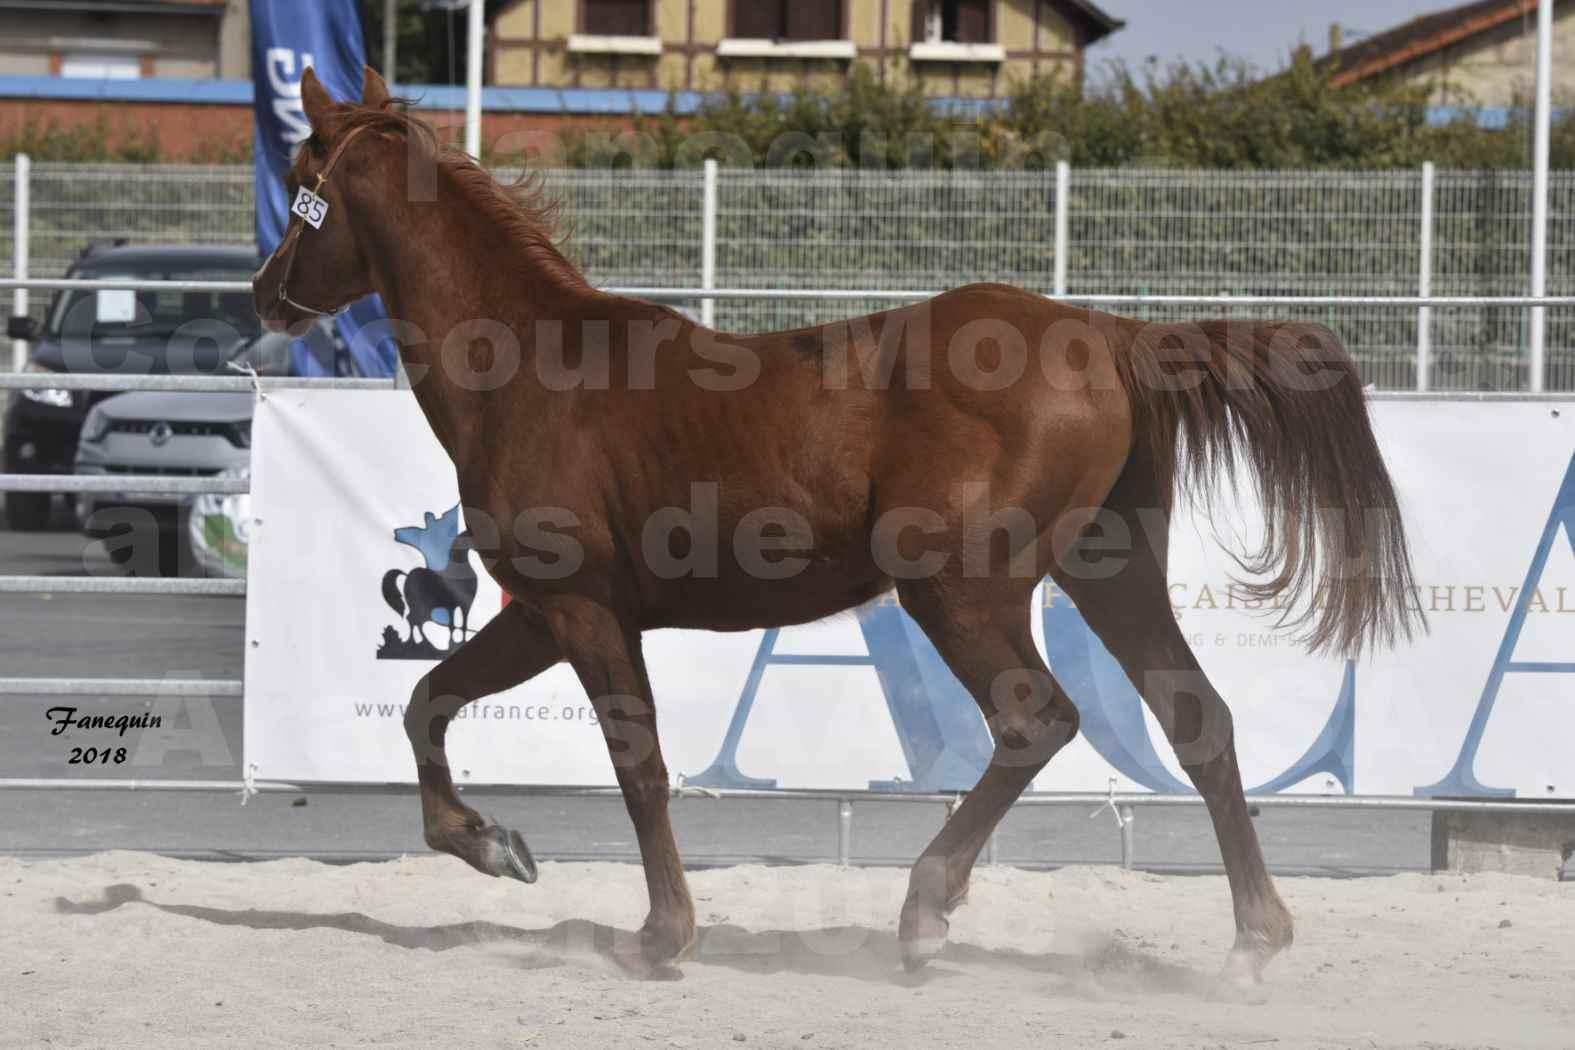 Concours d'élevage de Chevaux Arabes - D. S. A. - A. A. - ALBI les 6 & 7 Avril 2018 - FLEURON CONDO - Notre Sélection - 3